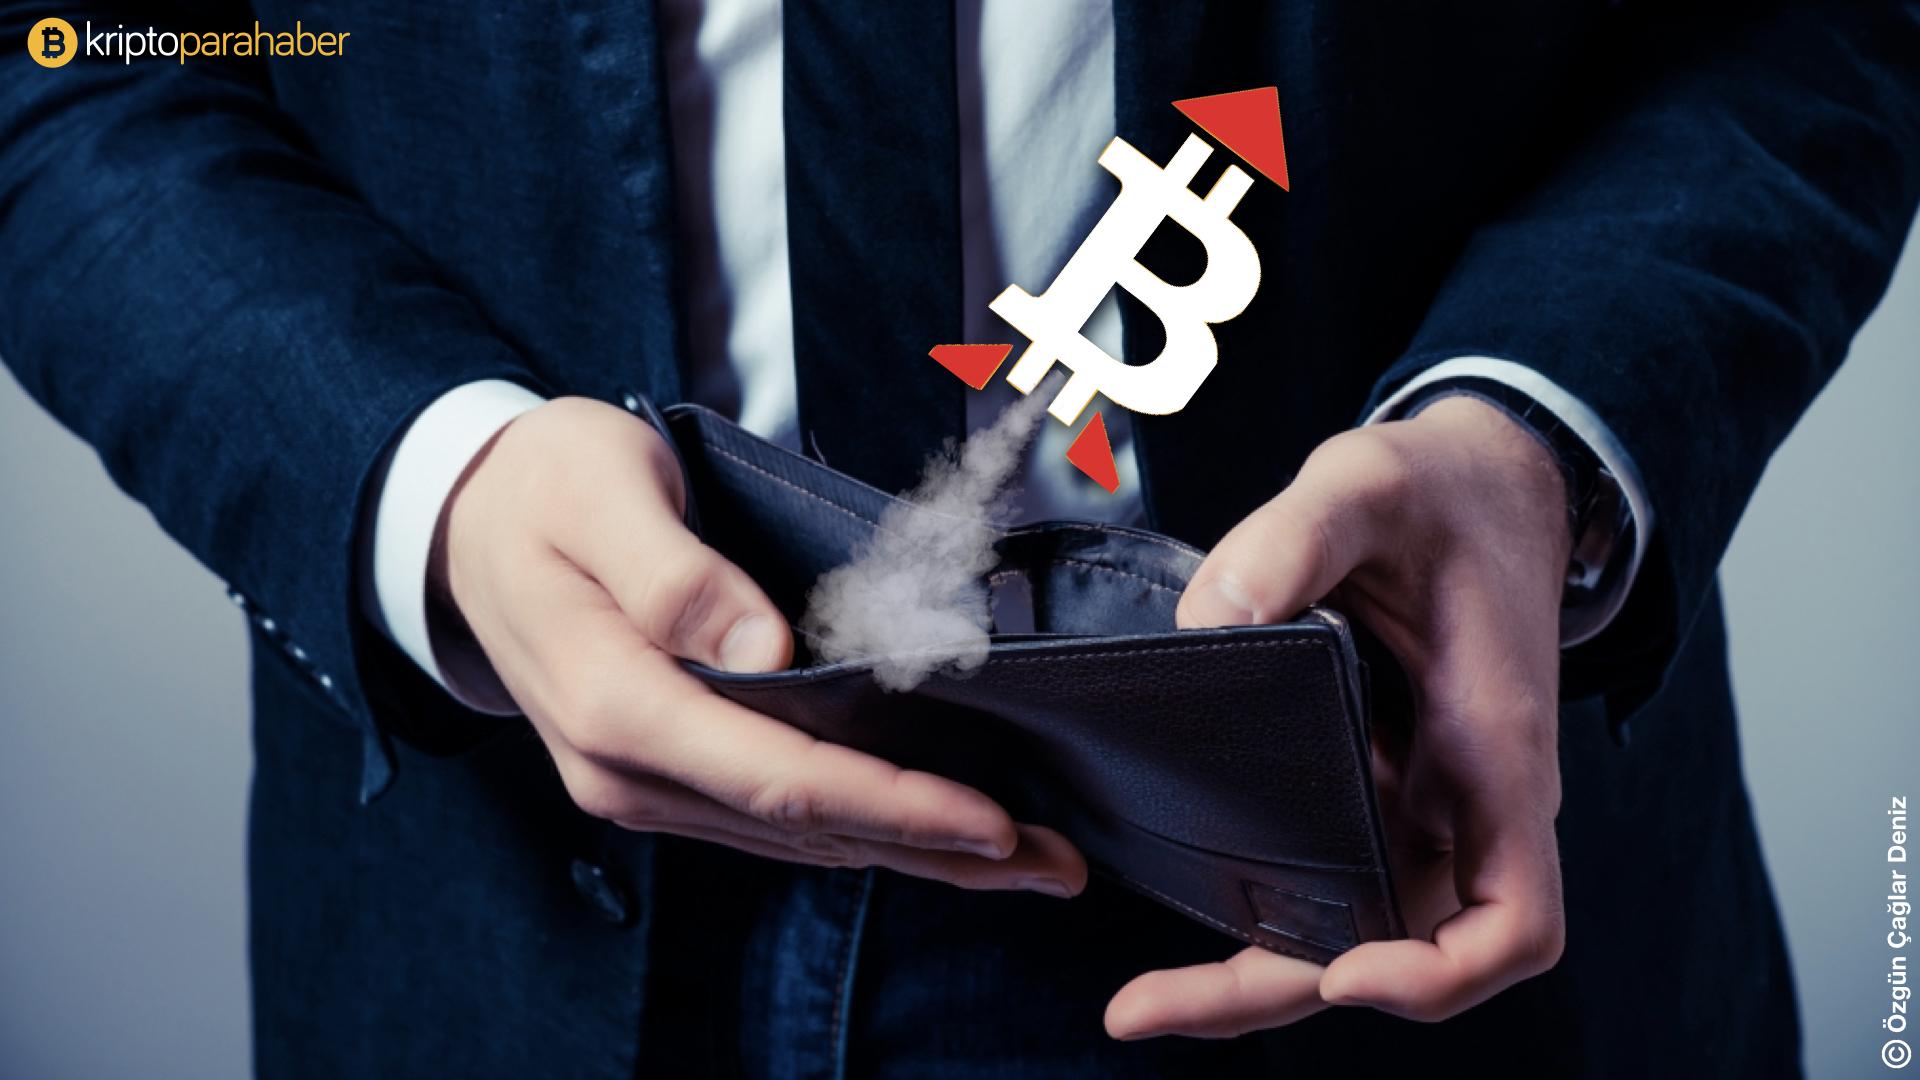 Bitcoin ödemeleri, artık 73 yeni ülkede mevcut!